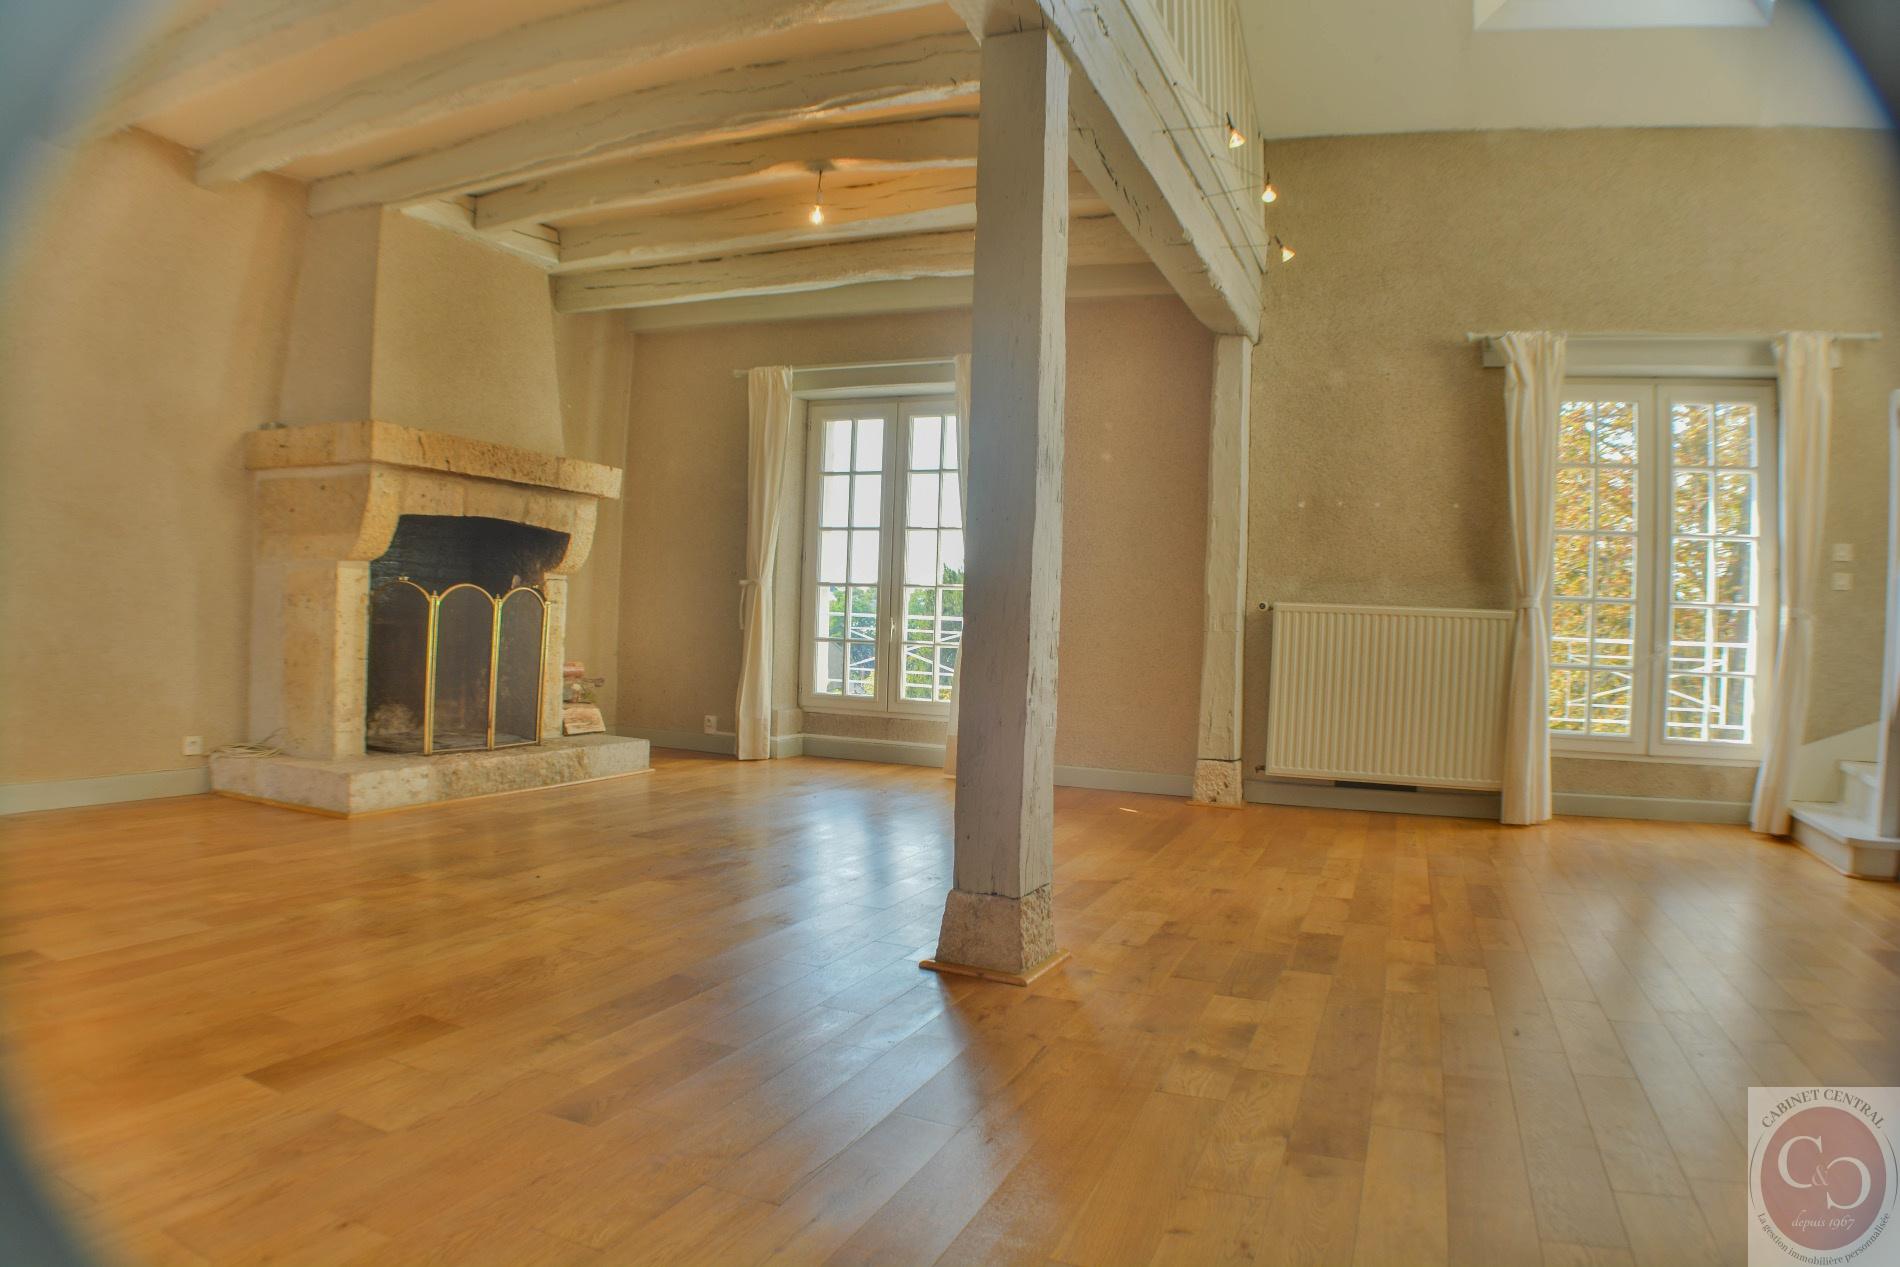 Vente quartier des ecoles blois charmante maison vendre 3 chambres - Garage rebaud st victor sur loire ...